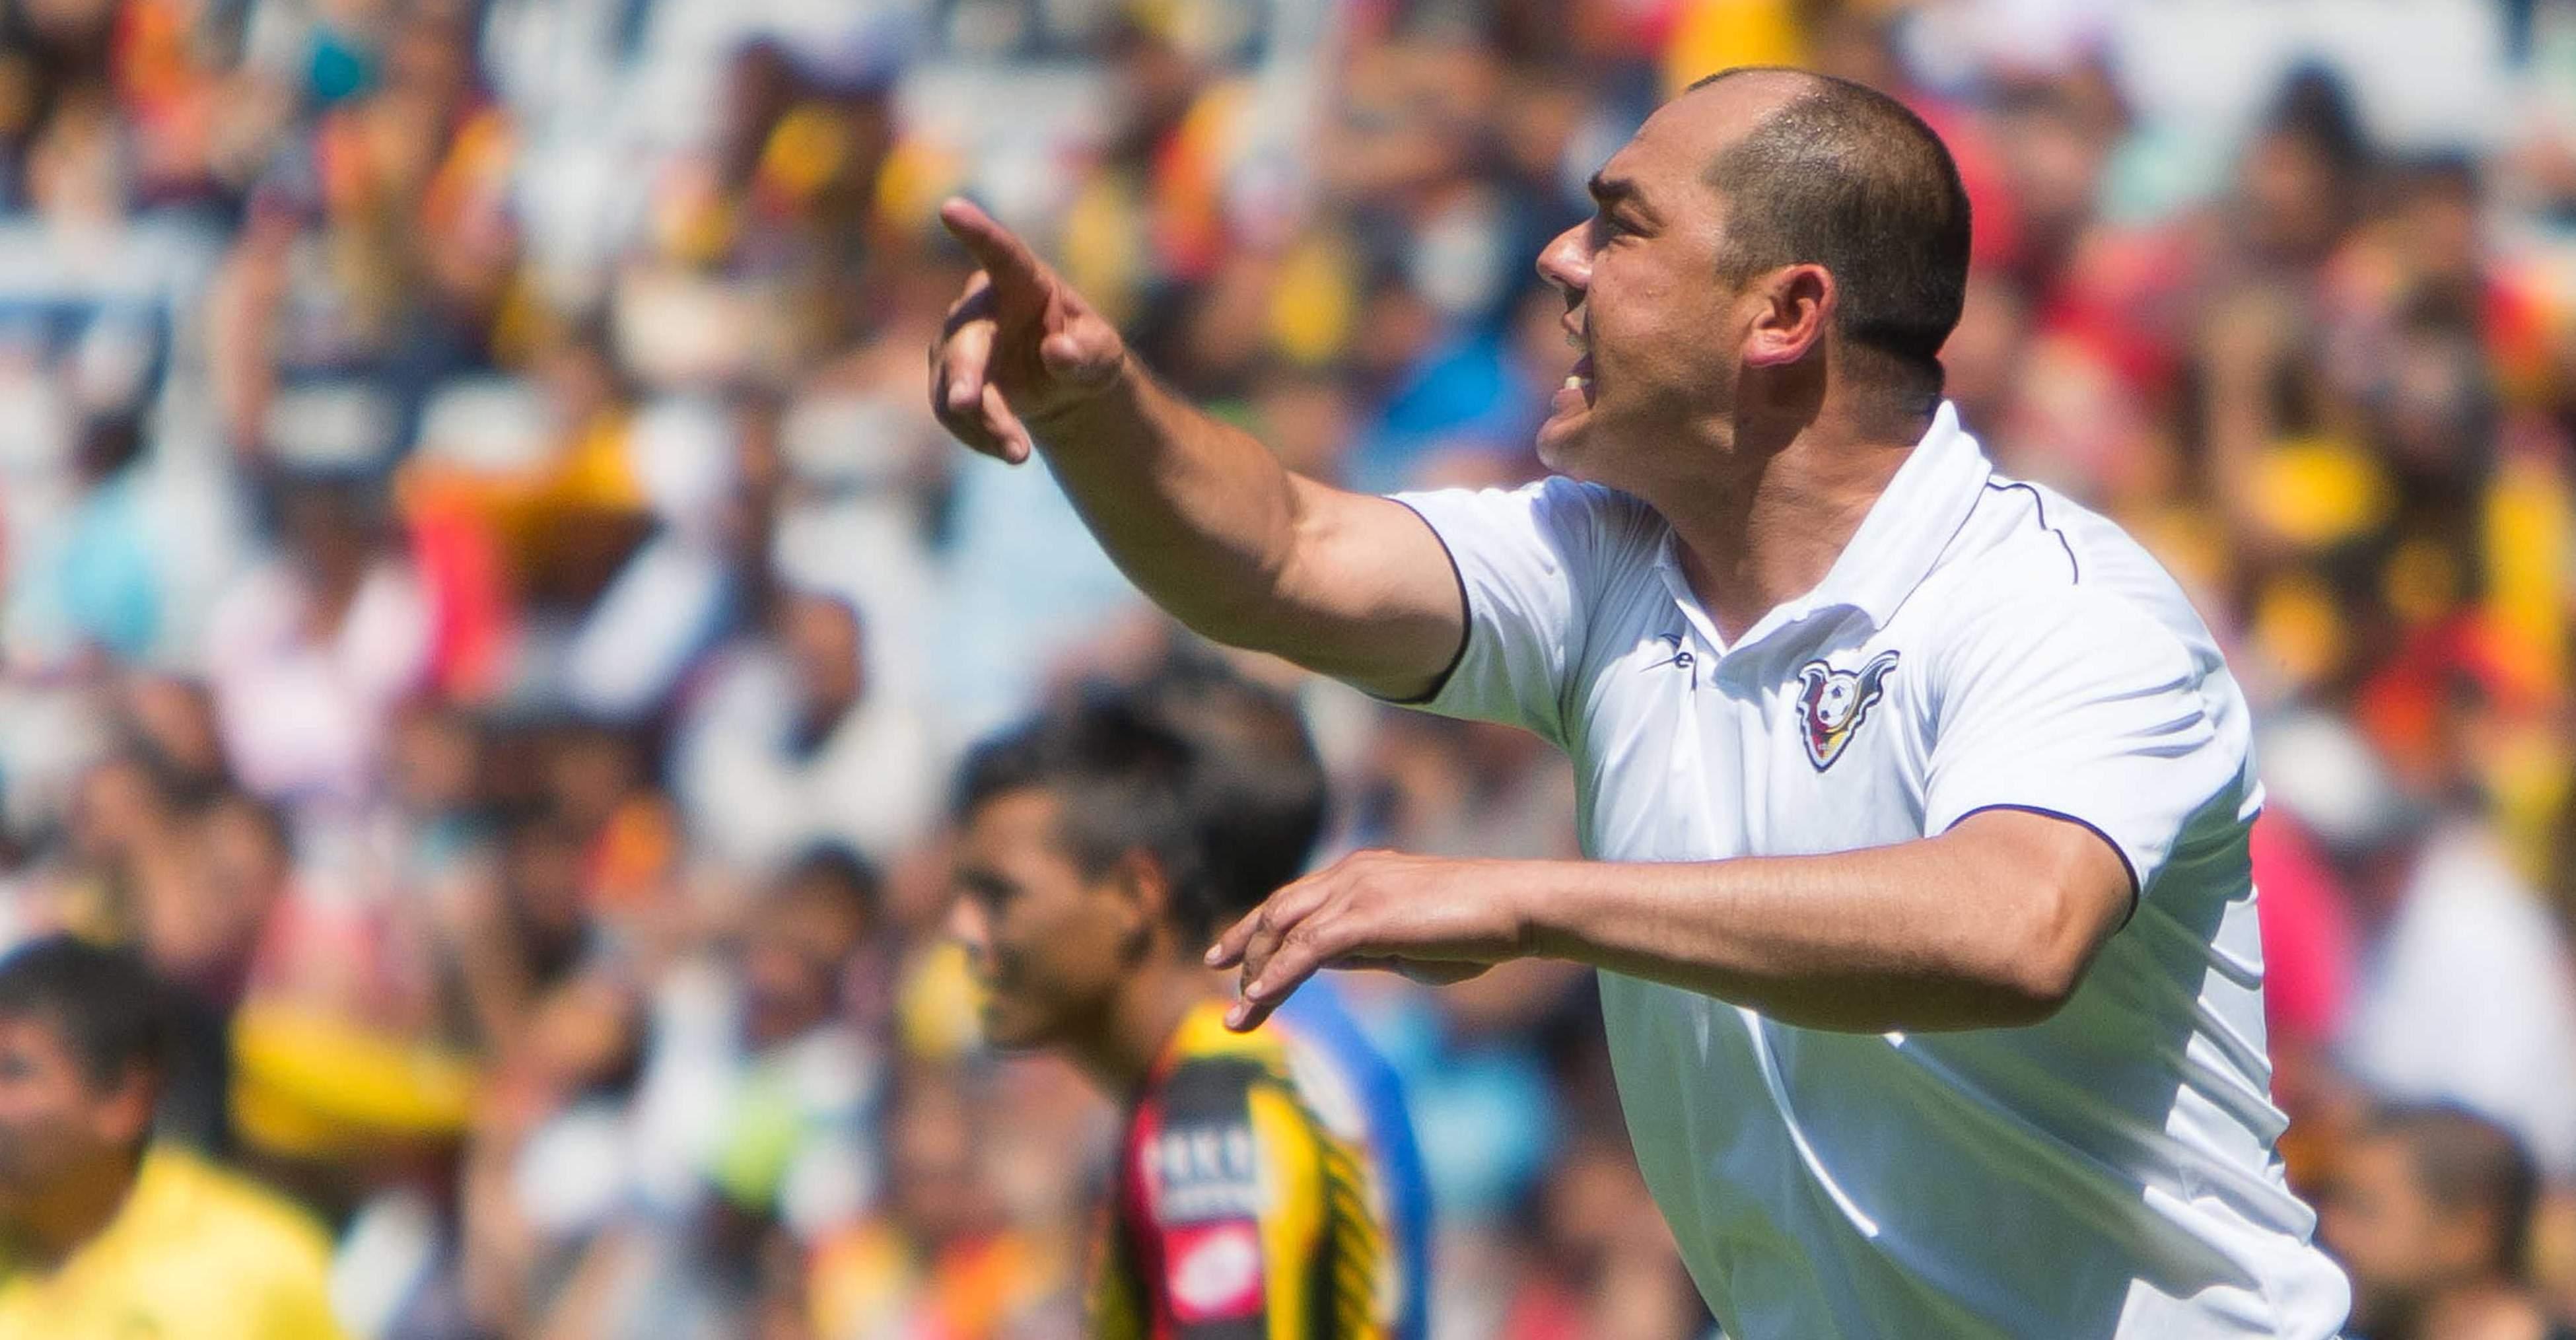 Nos enfrentamos a un monstruo: Roberto Castro